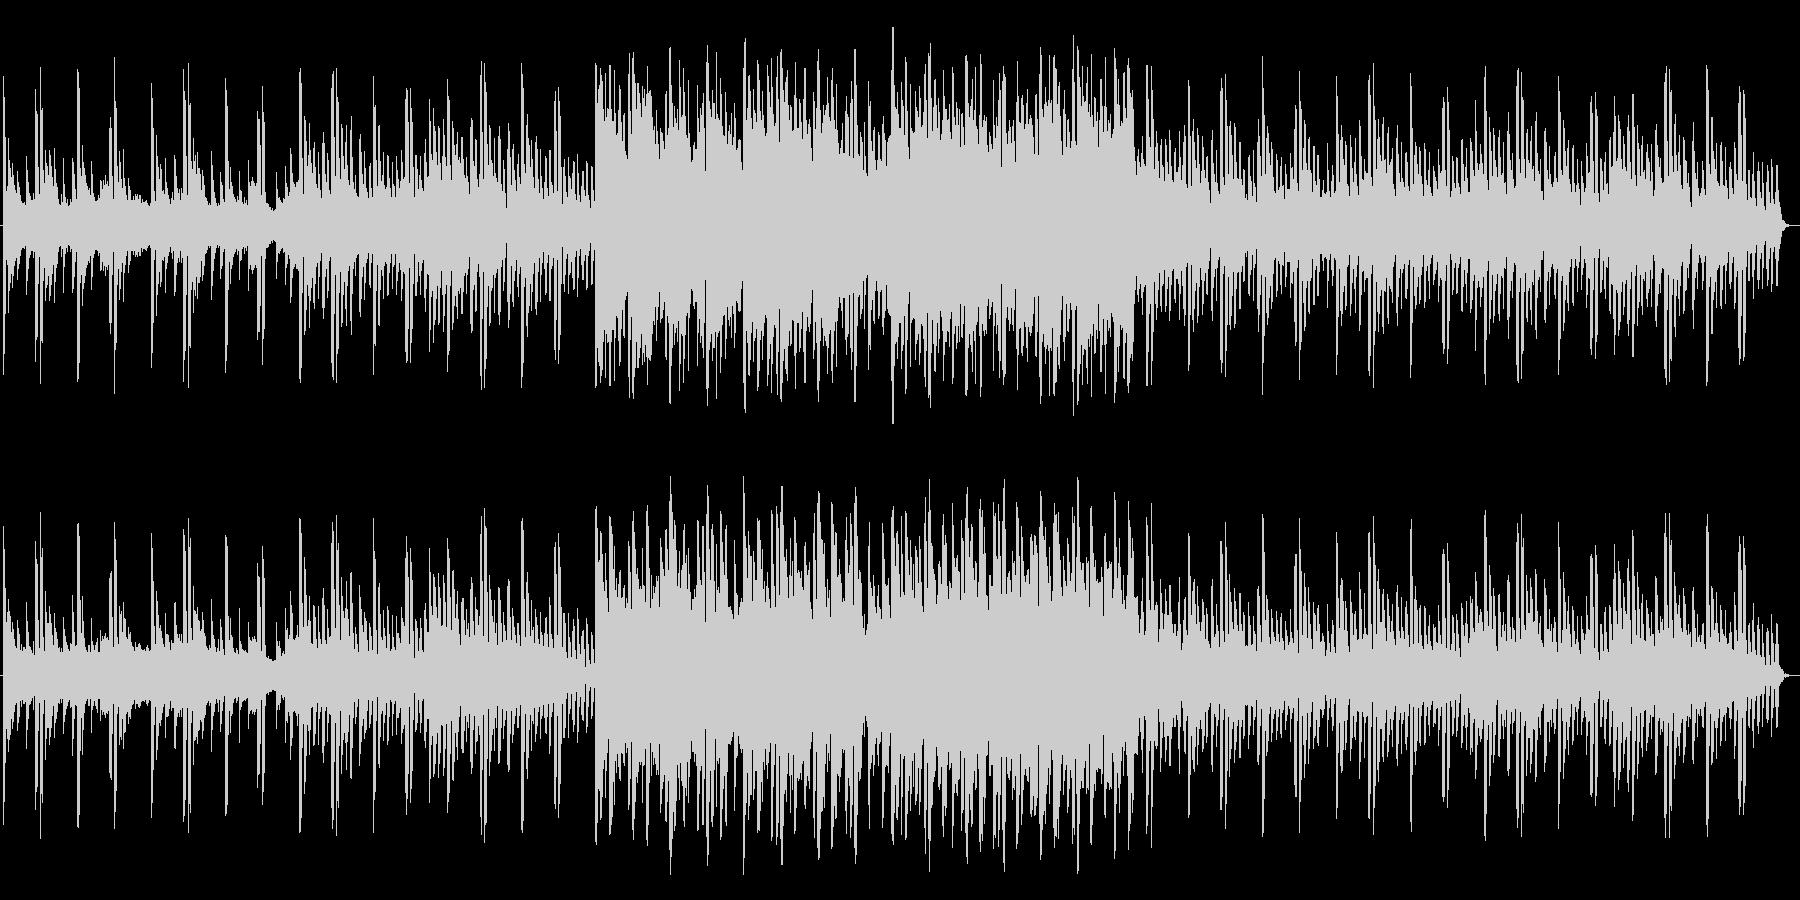 透明感のある近未来的なピアノ曲の未再生の波形